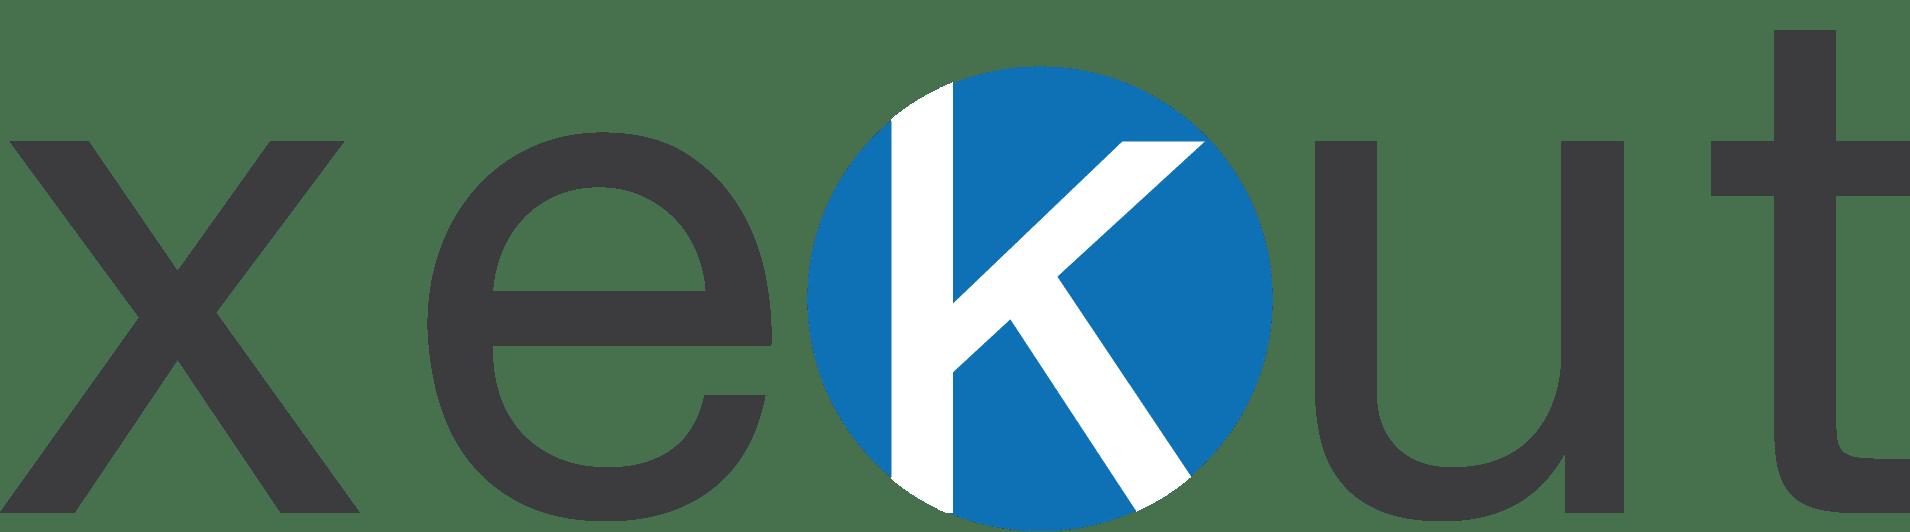 Xekut logo